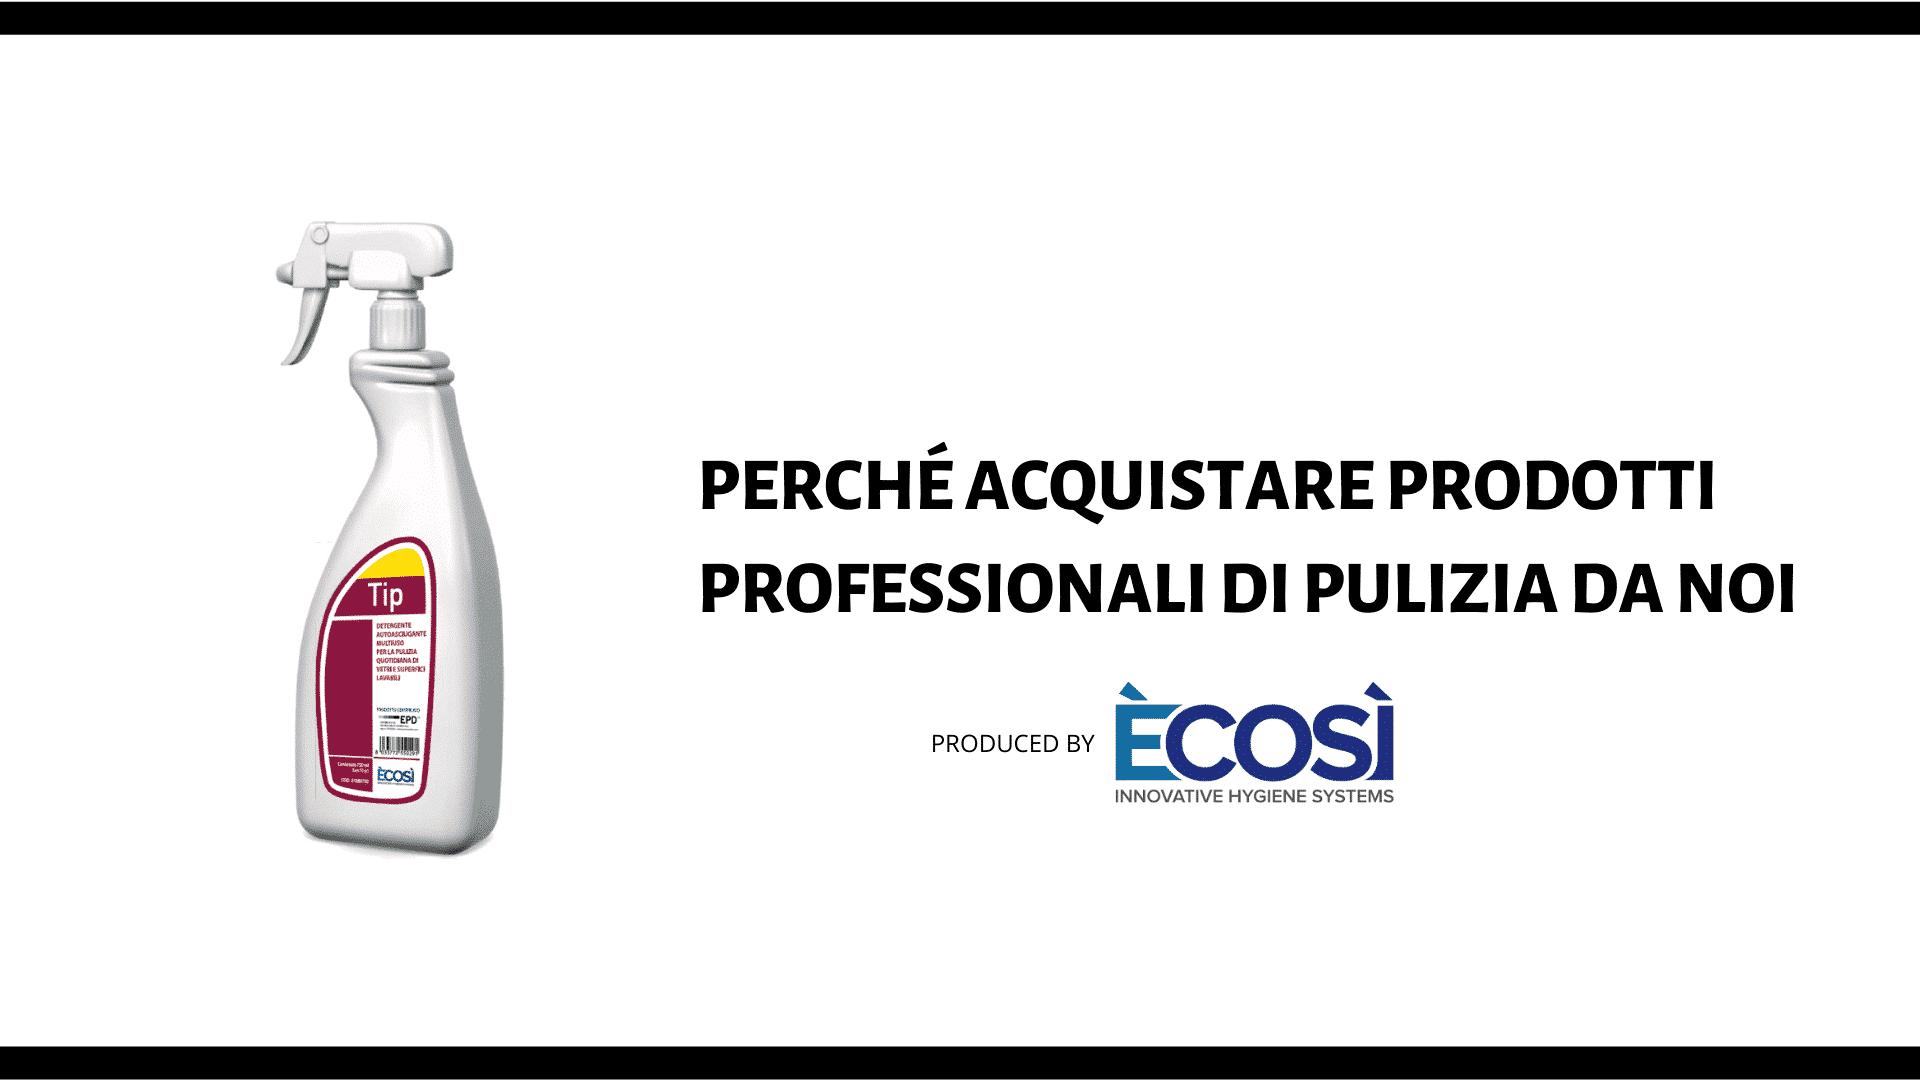 prodotti professionali pulizia ecosi per casa